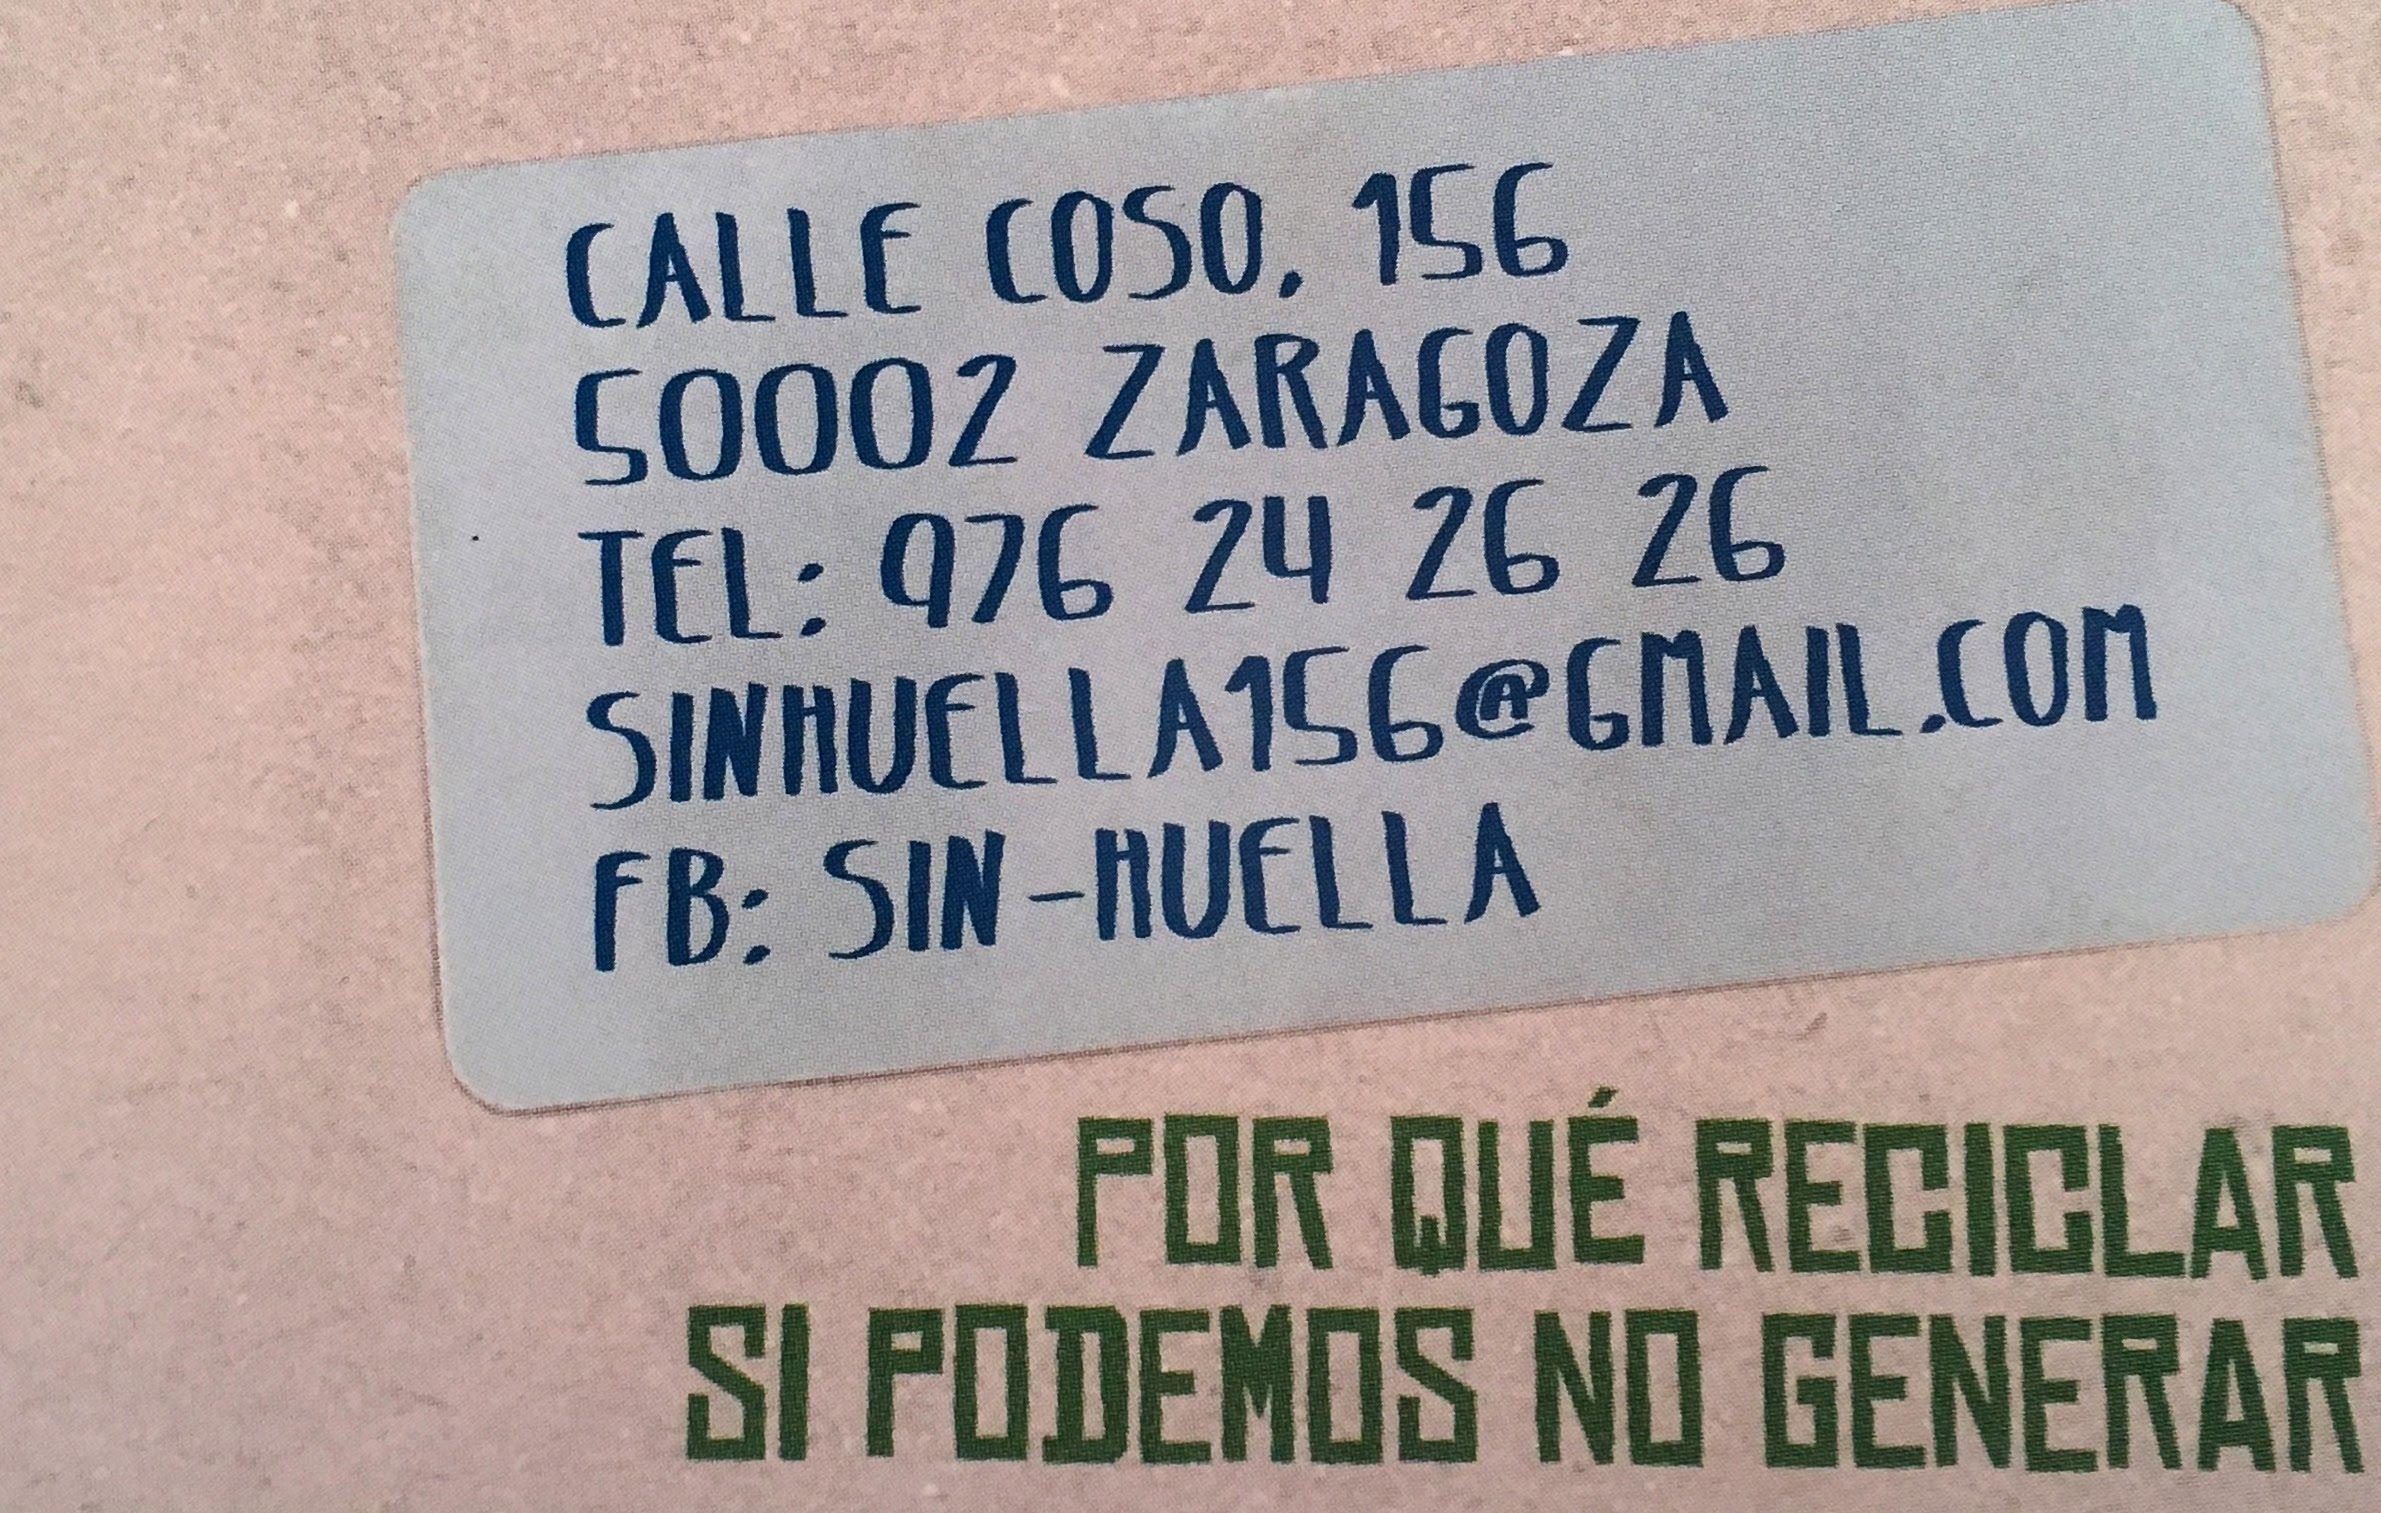 Foto 5 de Tienda de productos ecológicos a granel en Zaragoza | Sin Huella